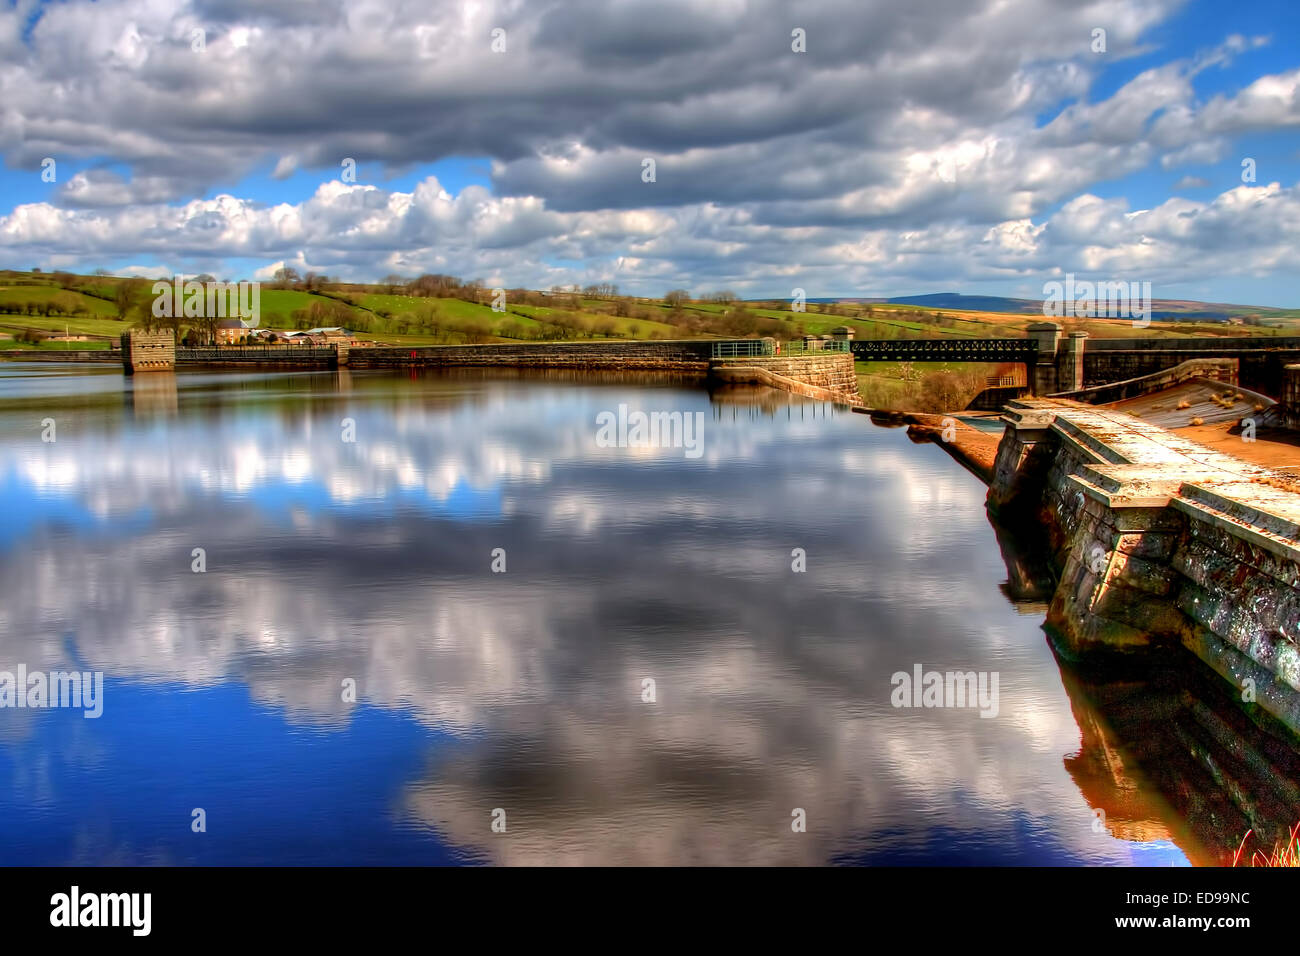 Hury Reservoir in Baldersdale, Upper Teesdale, County Durham - Stock Image